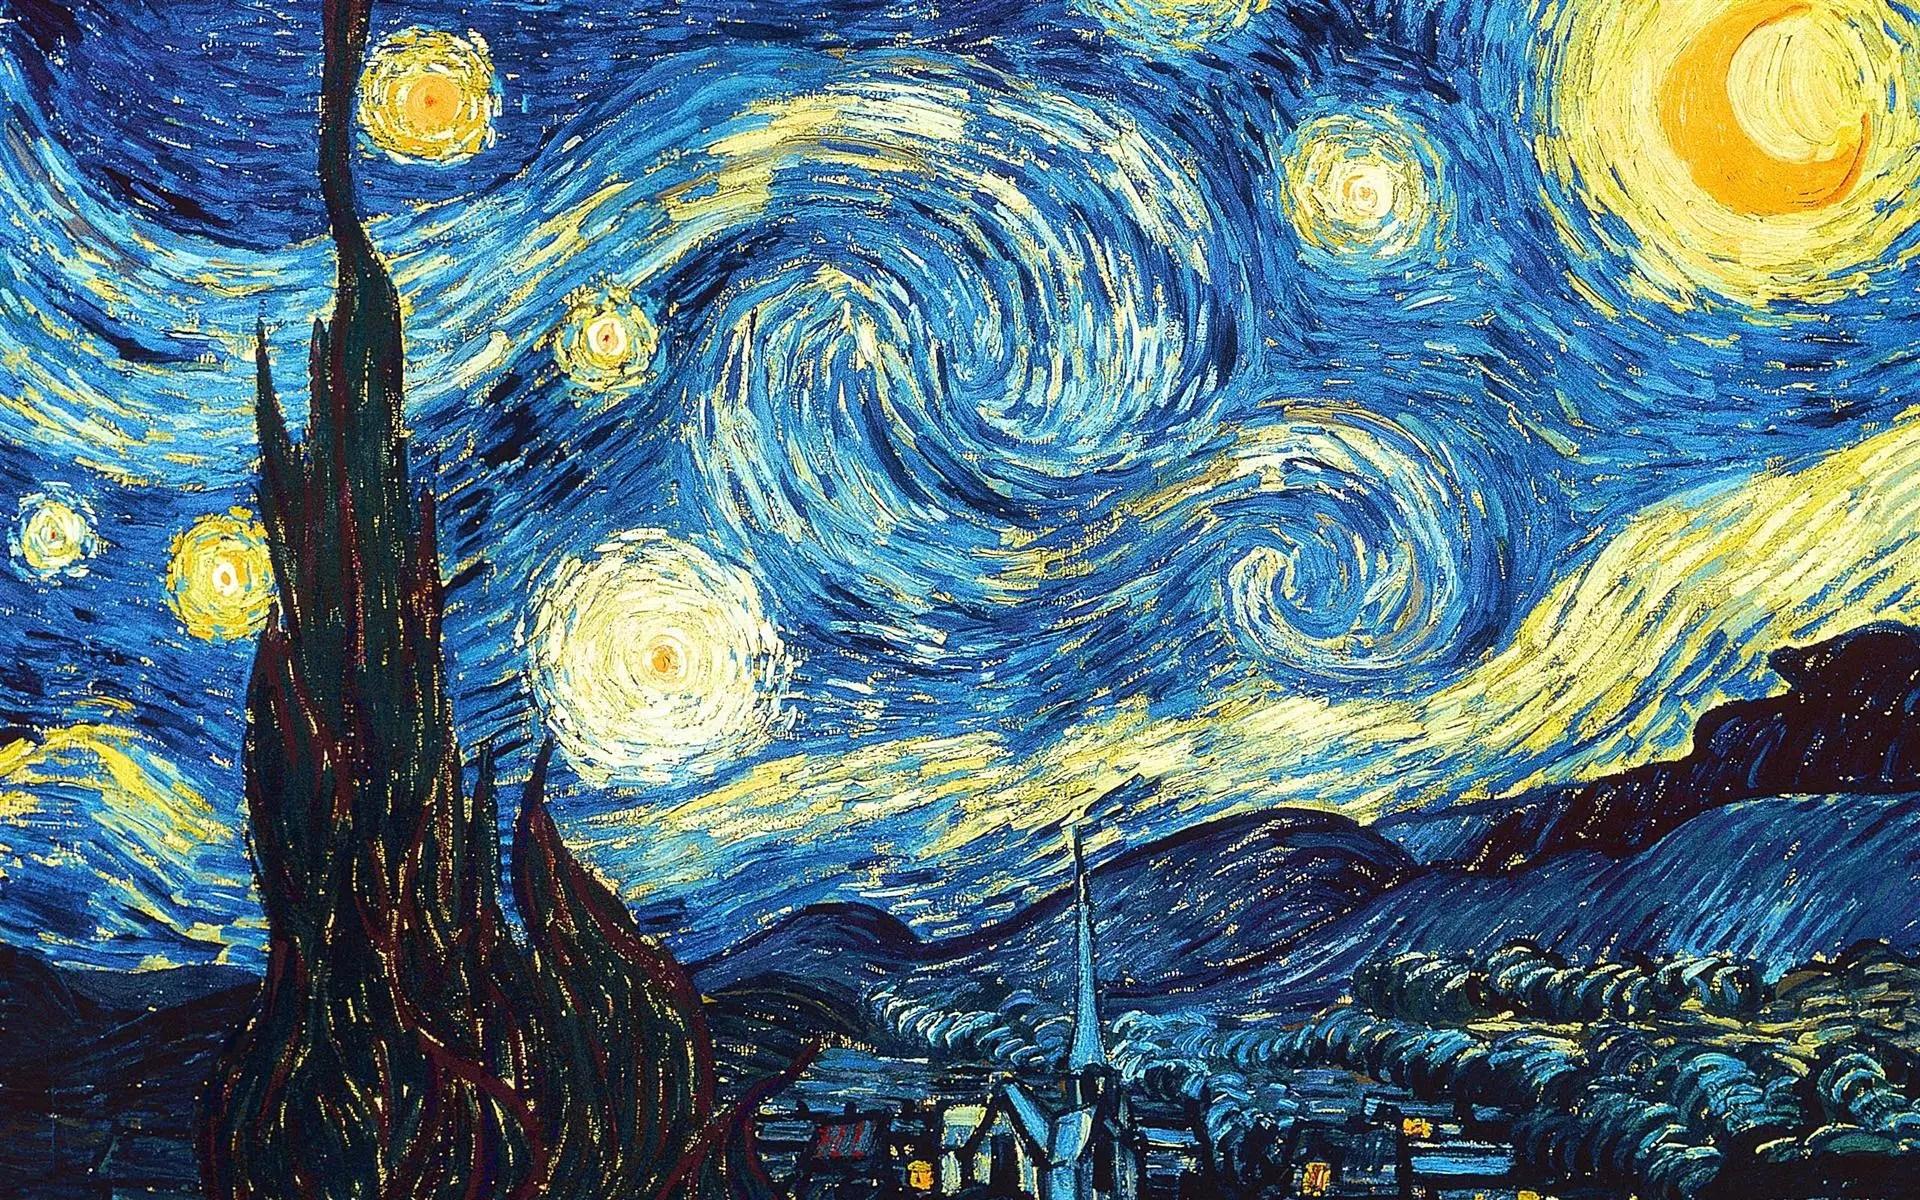 La nuit étoilée de Van Gogh au musée d'art moderne de New York City.